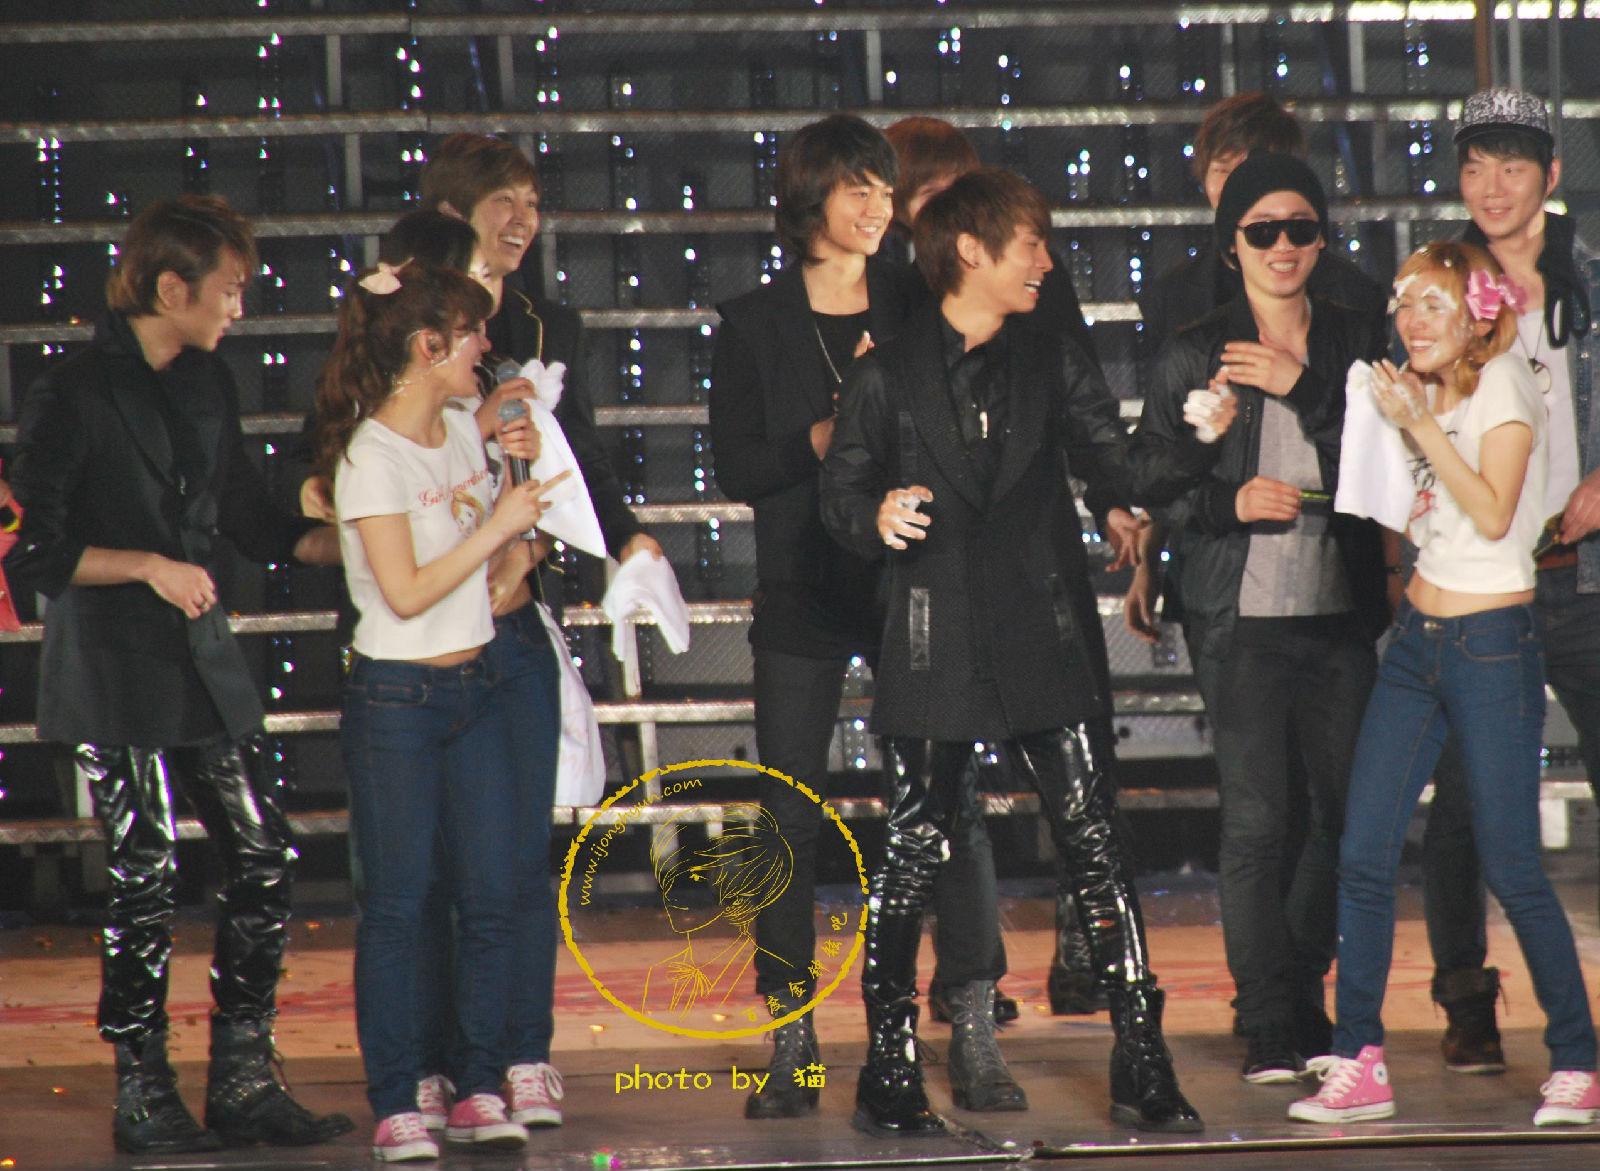 2010417少女时代上海大舞台演唱会上的shinee